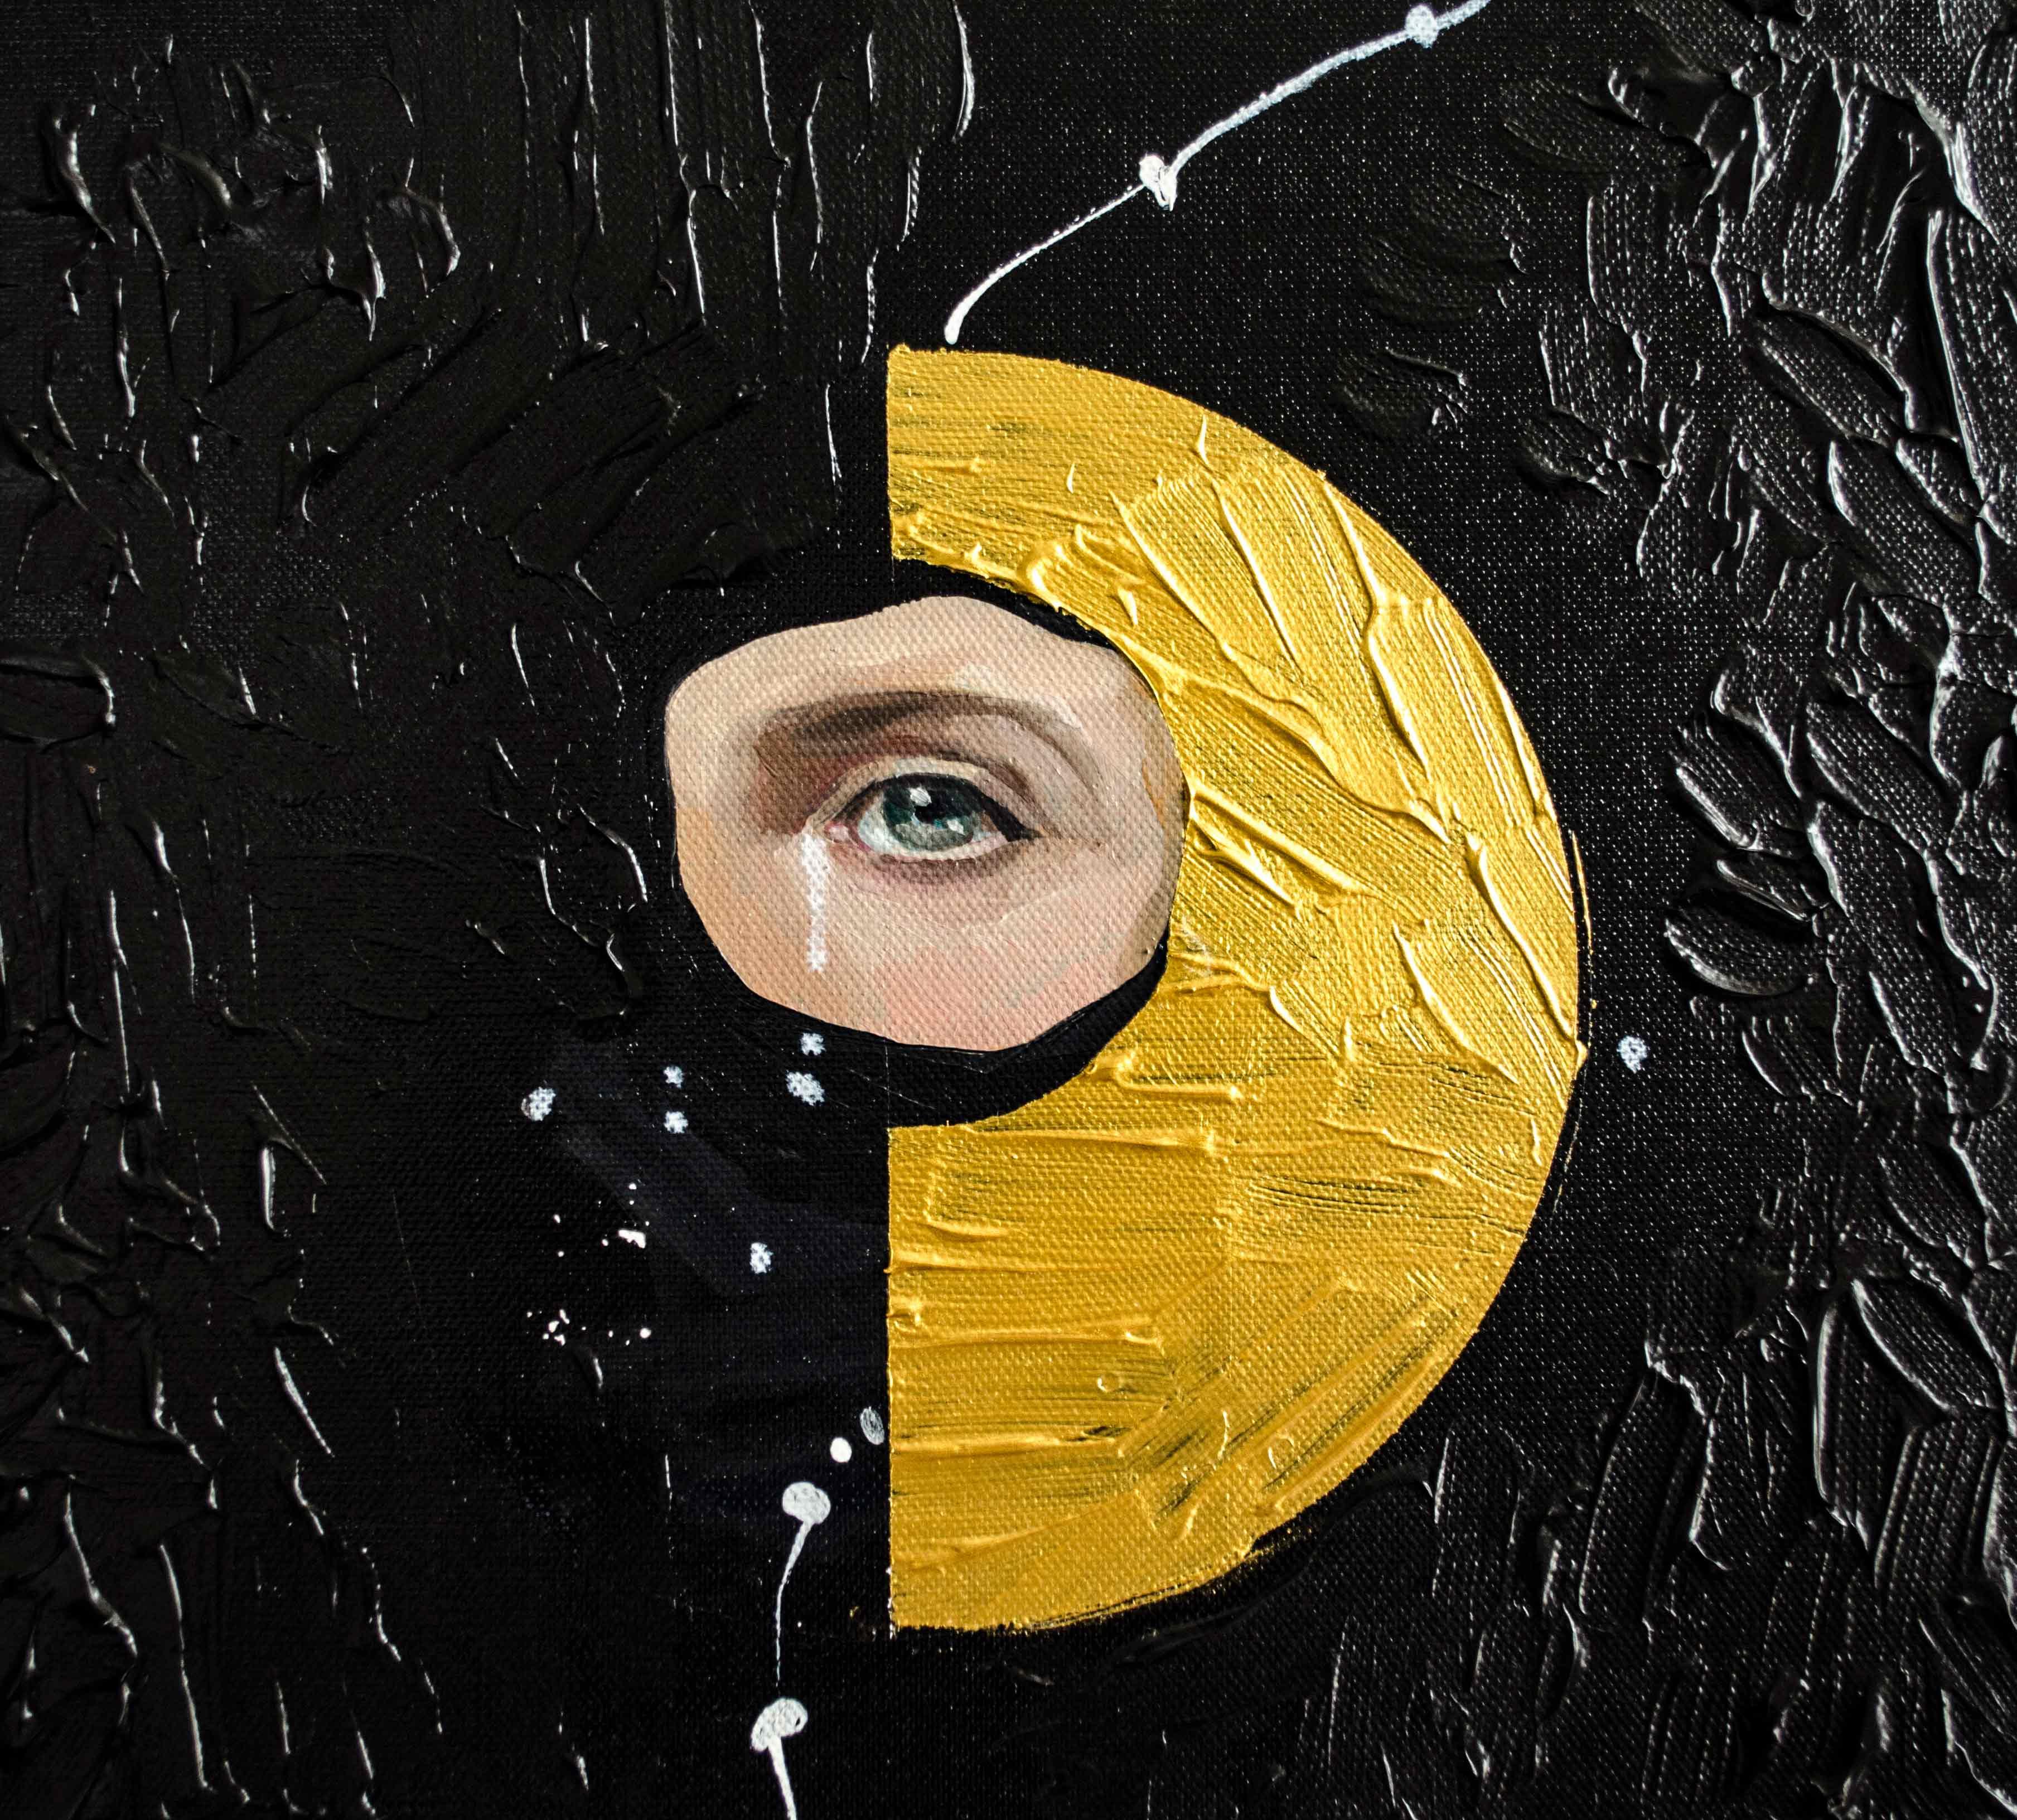 kate-goltseva-golden-moon-oil-on-canvas-14x14-350.jpg